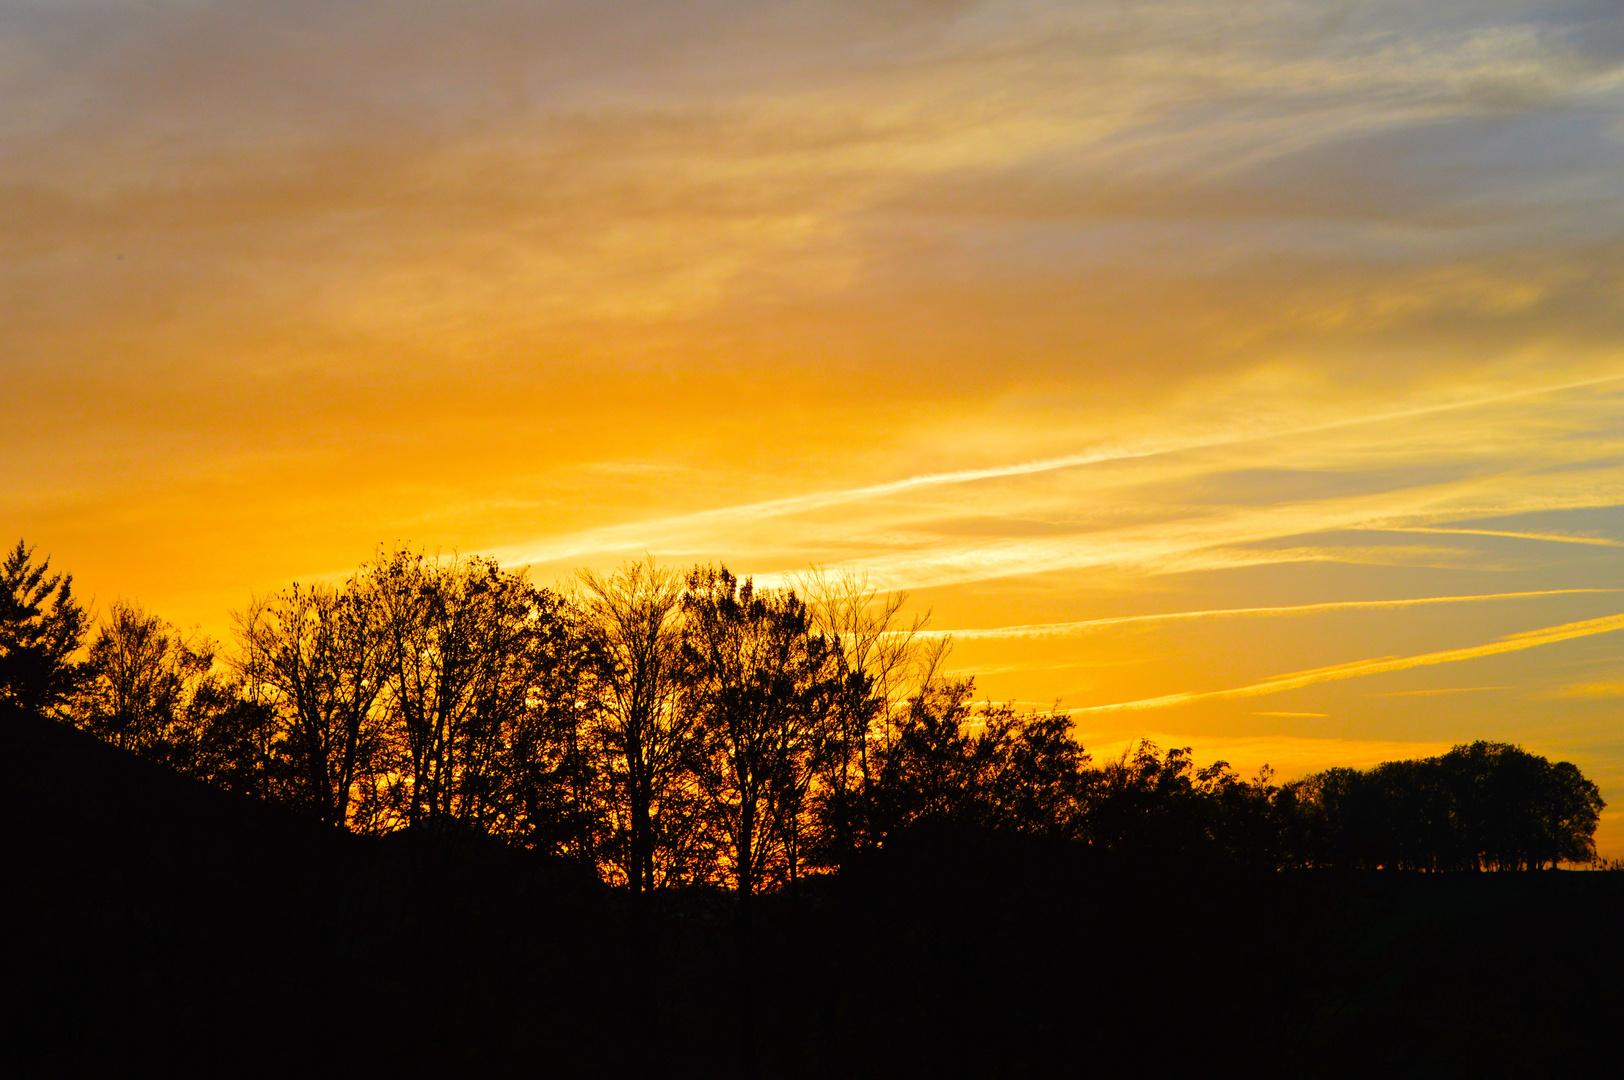 Abendsonne über dem Wald